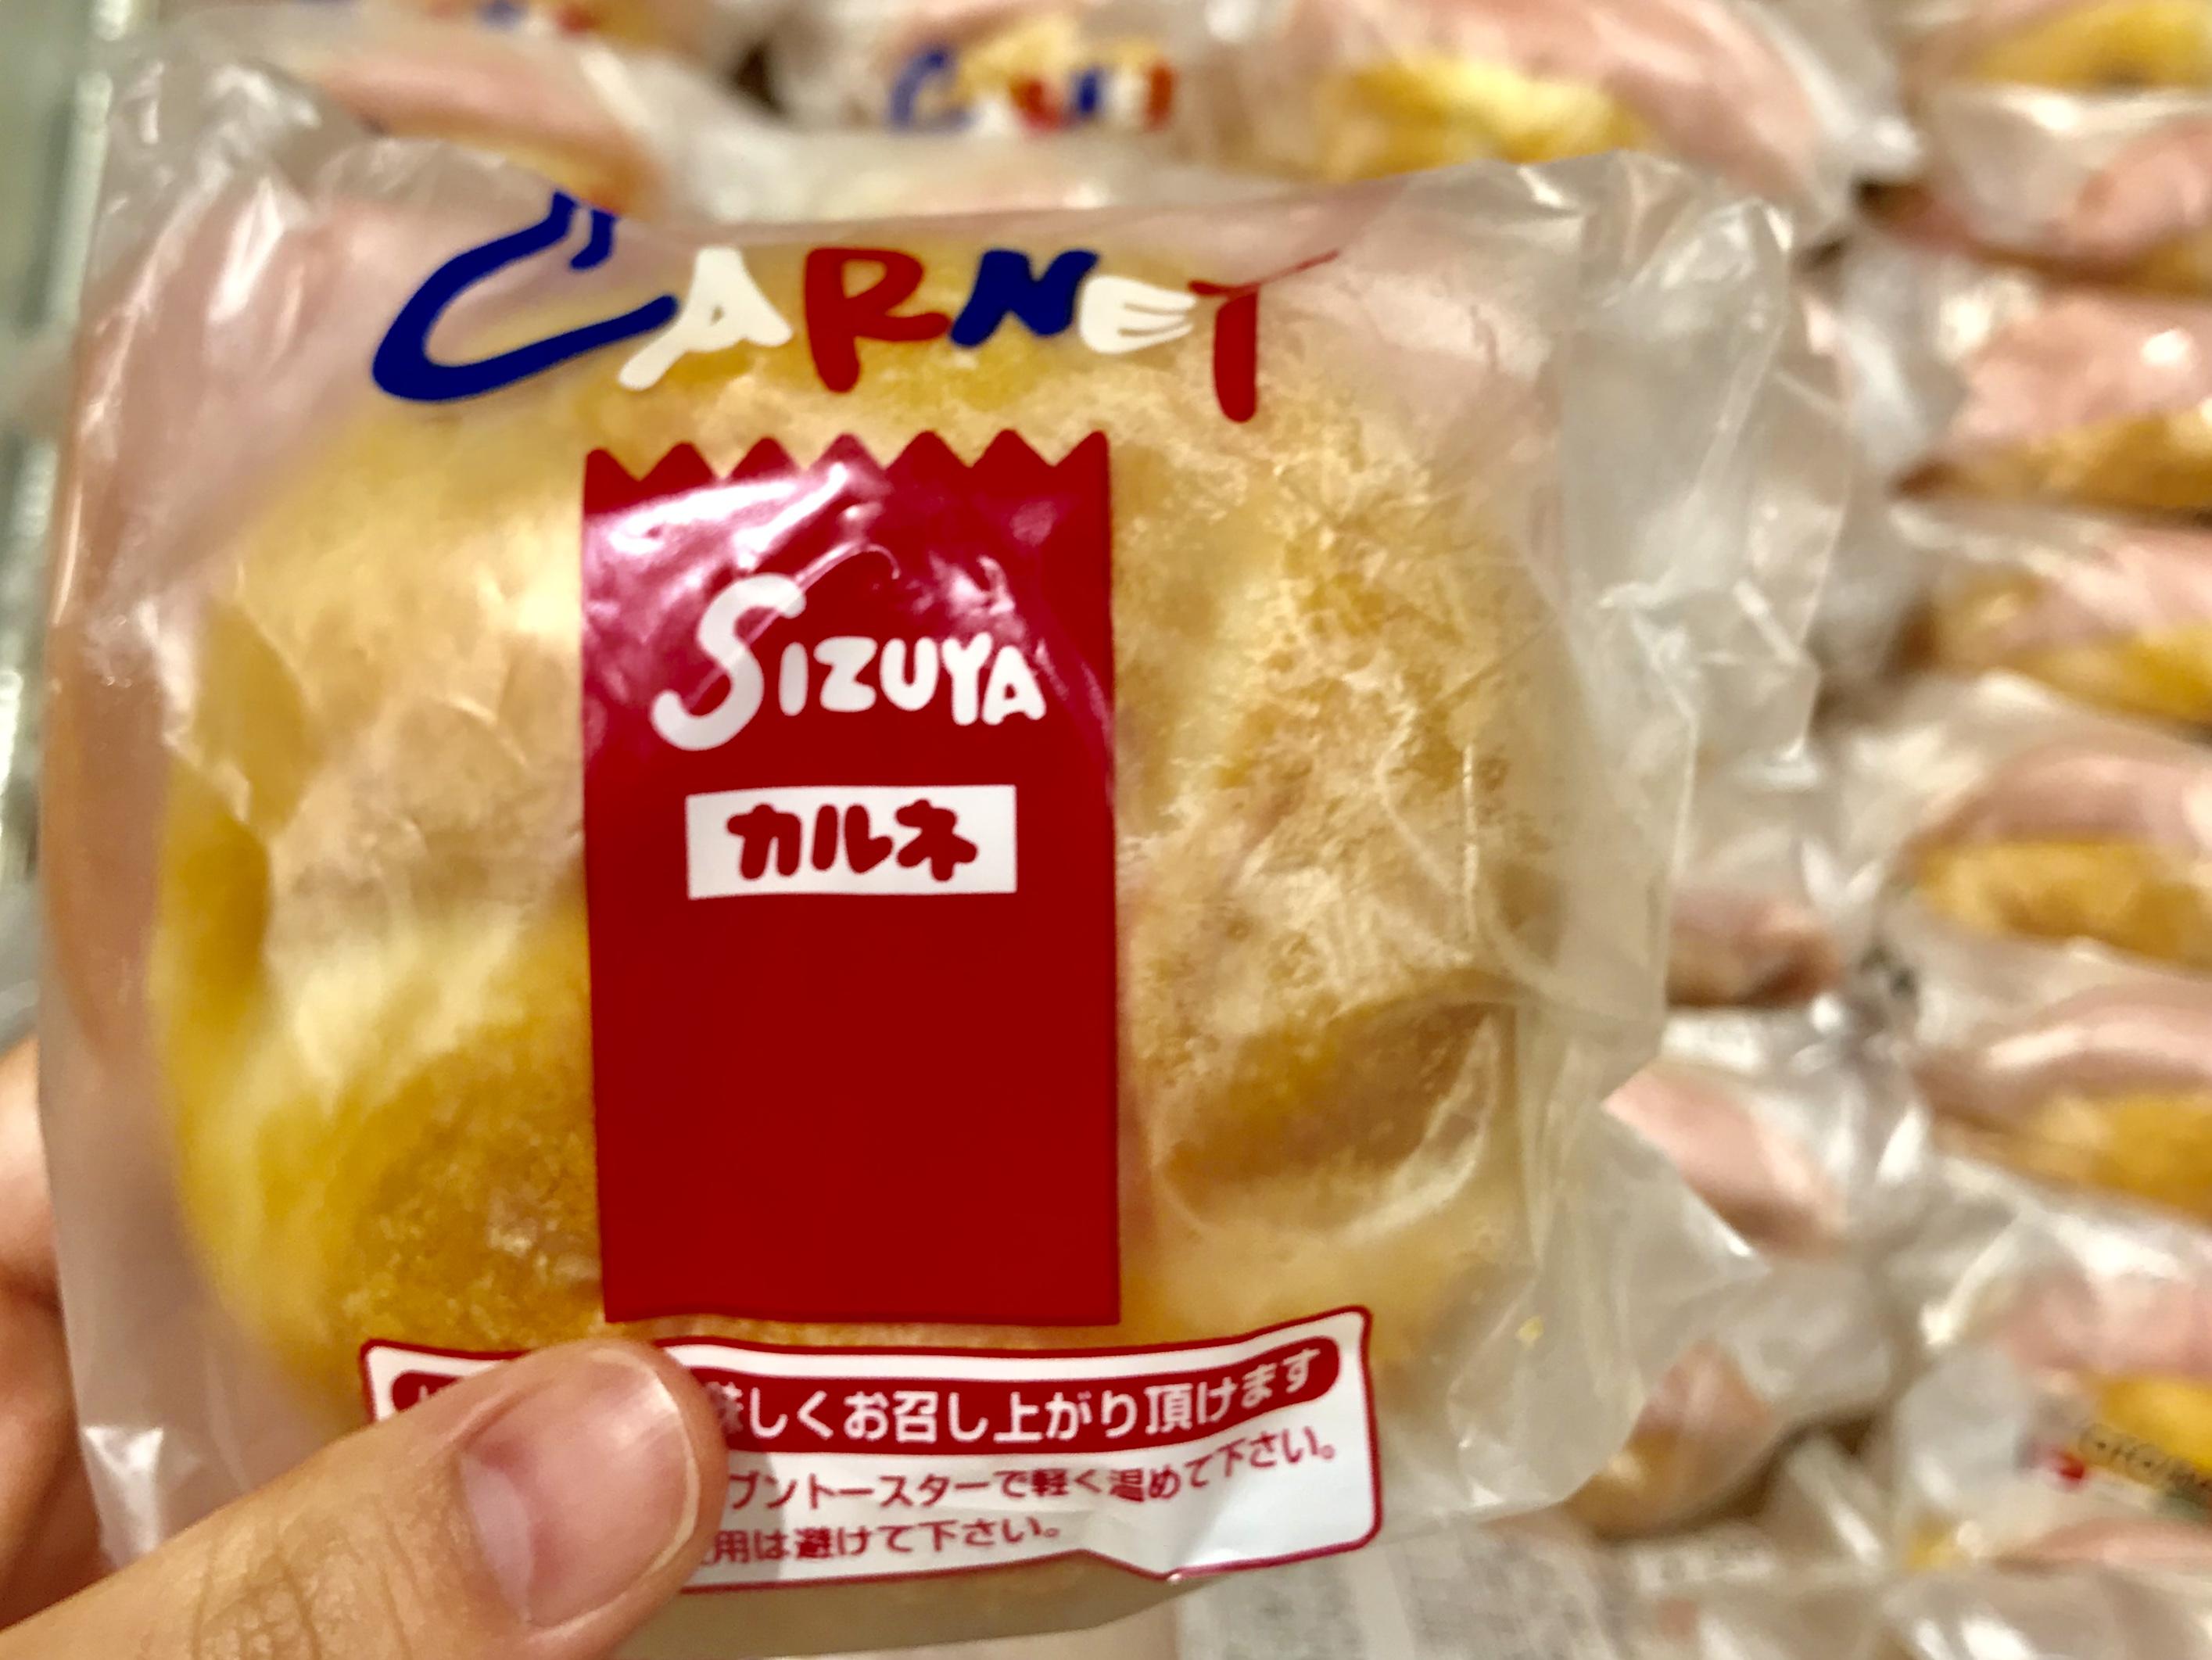 京都のパン屋といえばSIZUYA【志津屋】名物パンとランチメニュー紹介